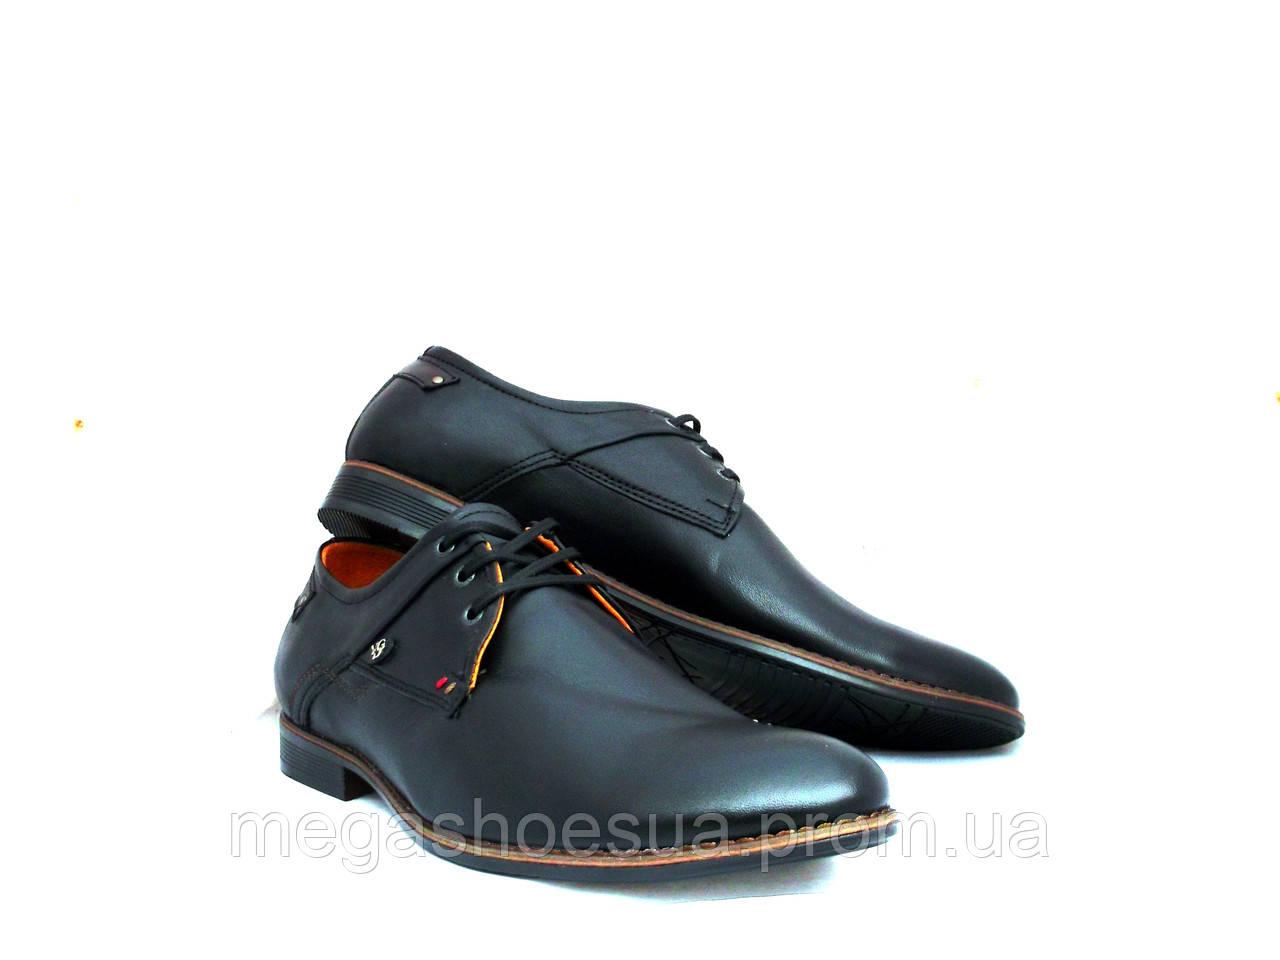 Мужские туфли YDG Bellini с натуральной кожи стильные - Интернет-магазин  украинской обуви MegaShoes в 492973fa381